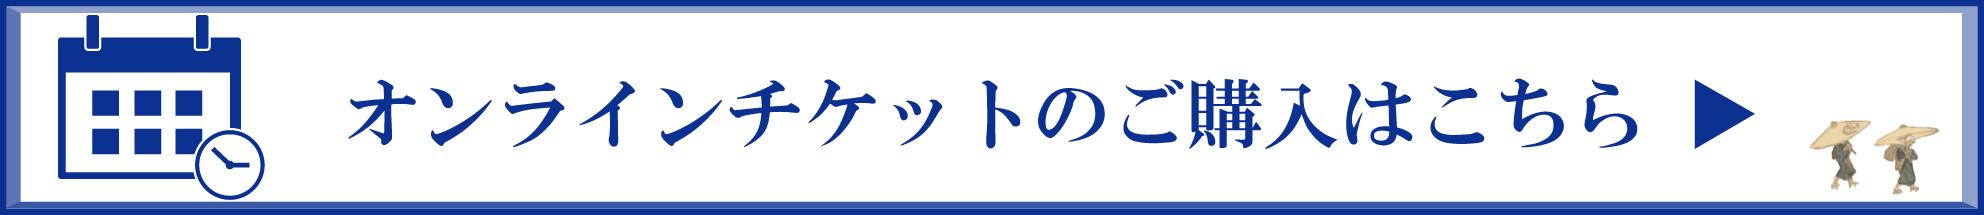 スマートバナー_オンライン予約.jpg